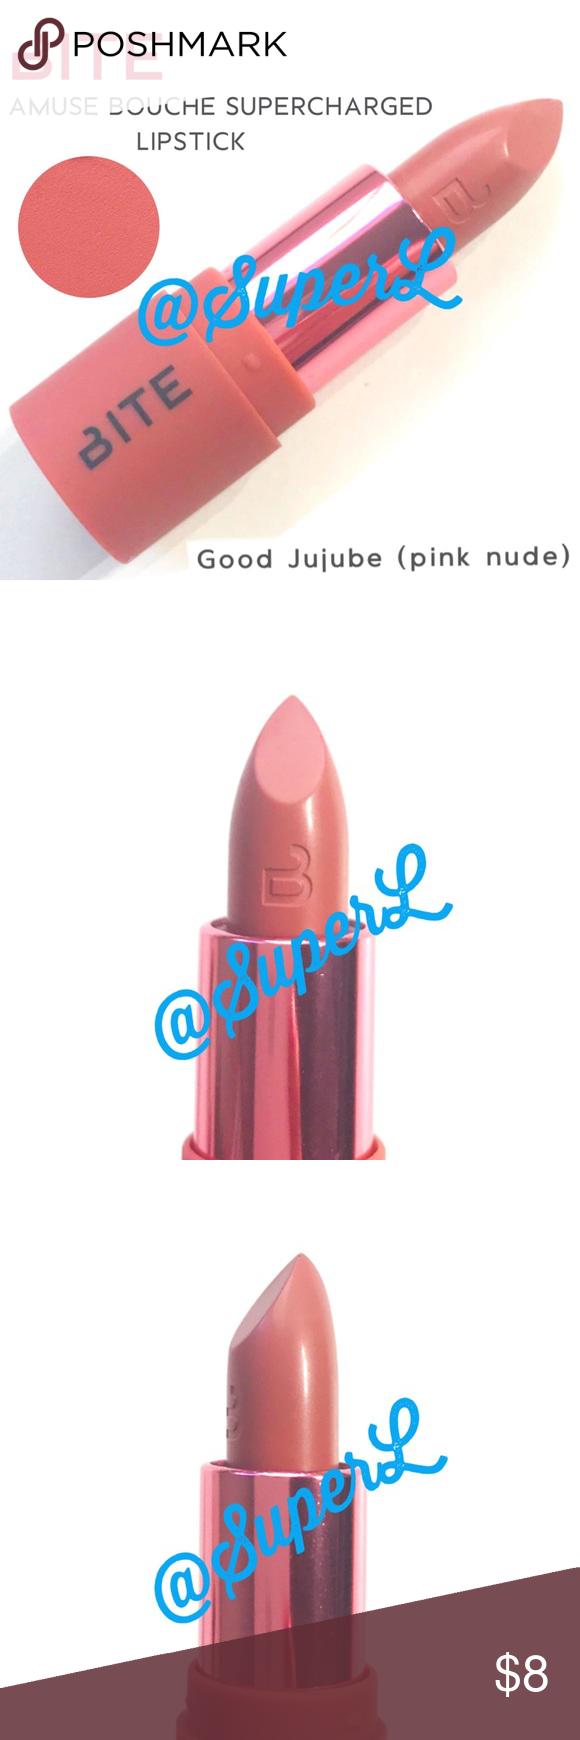 Photo of 3/$15 Bite Beauty Amuse Bouche Lipstick Jujube One Travel Bite Beauty Amuse Bouc…